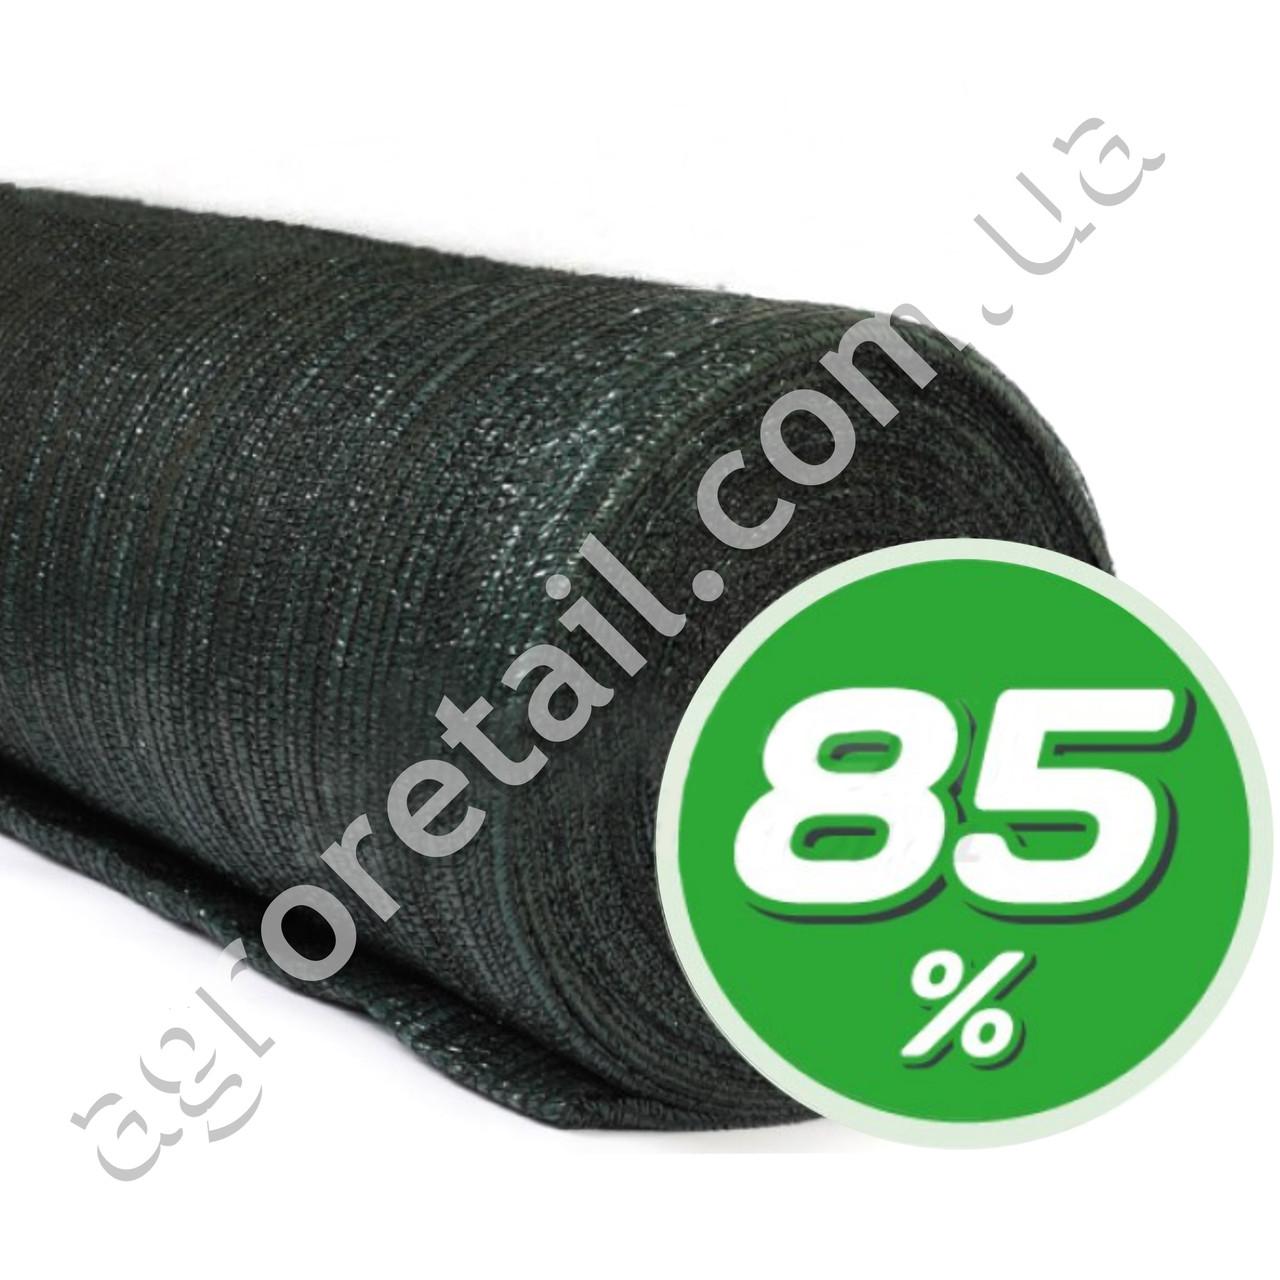 Затеняющая сетка зеленая 85% тени 4х50 м